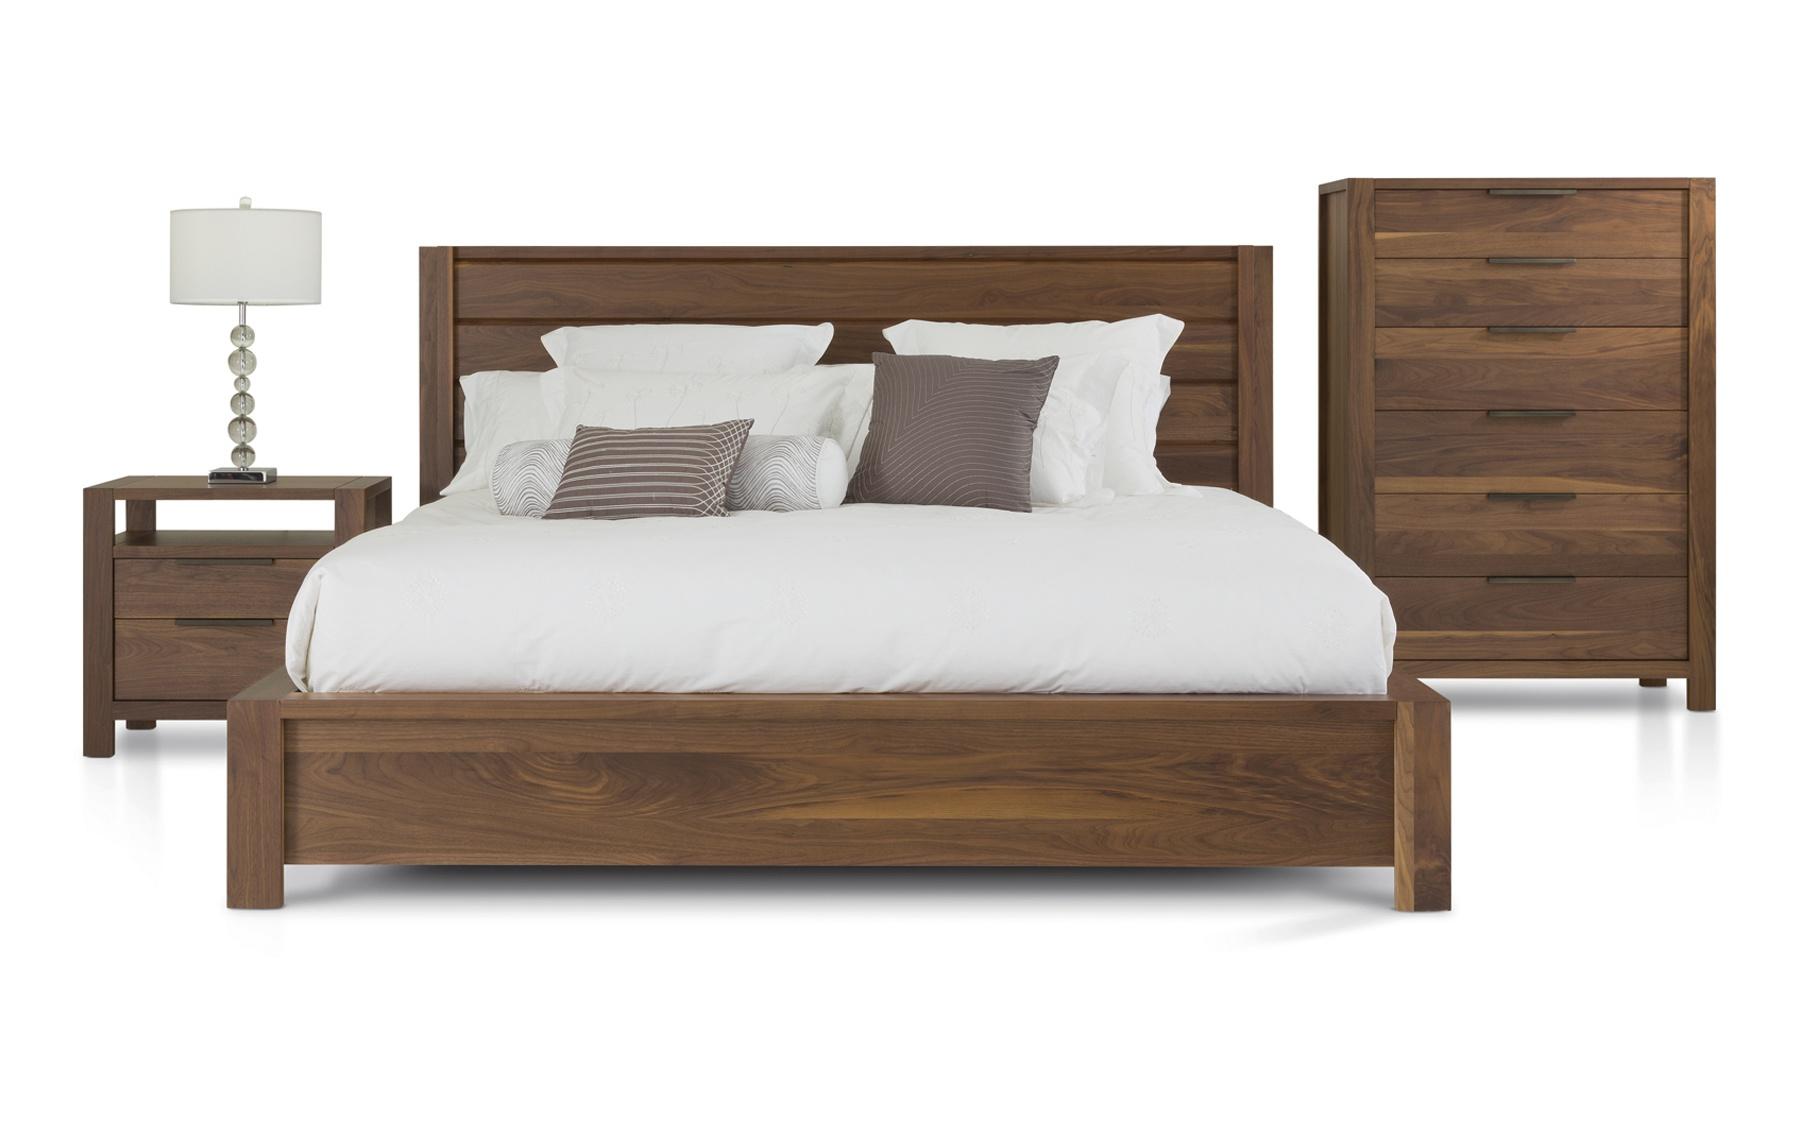 Lit grand format cl481 lits chambres la galerie du meuble - La galerie du meuble contemporain ...